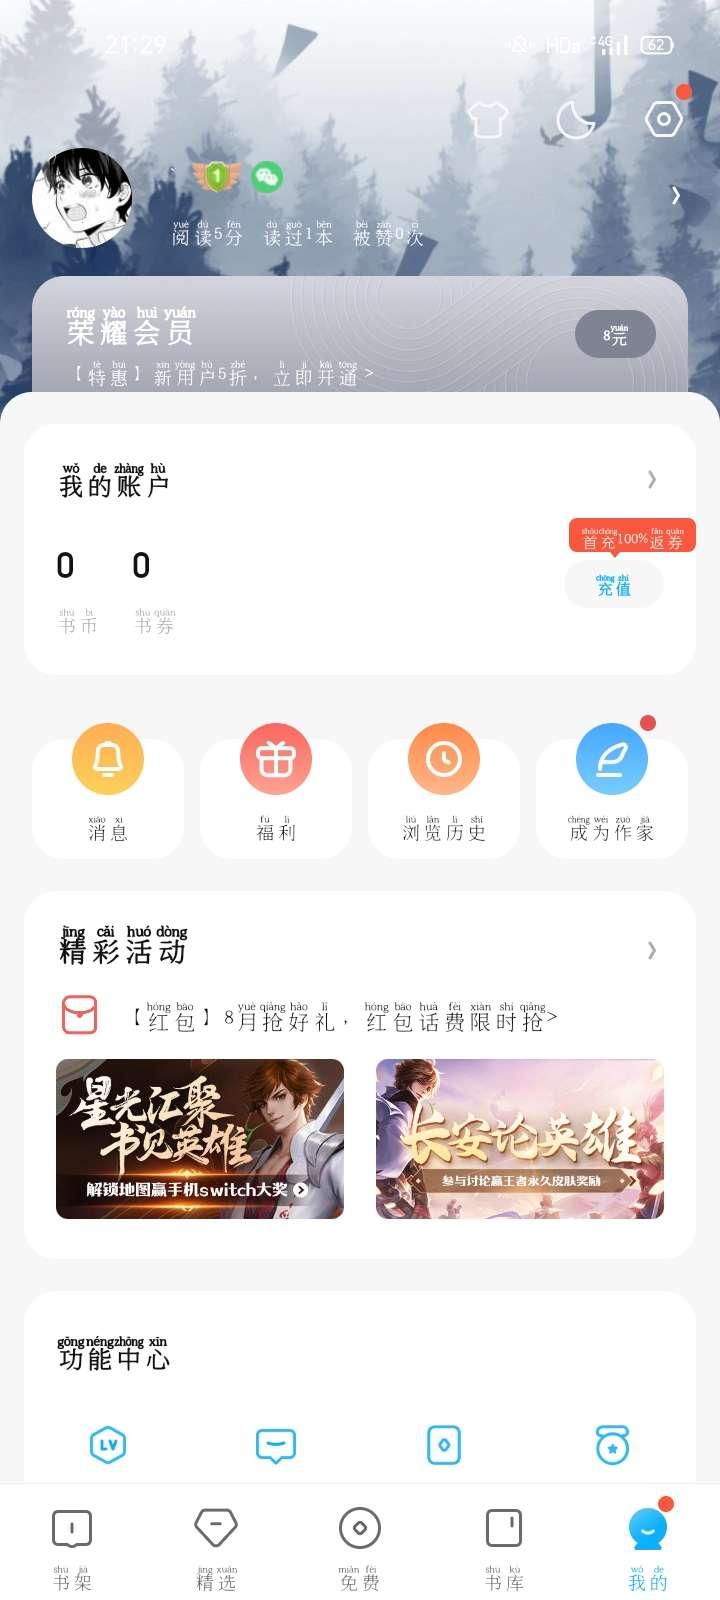 QQ阅读领现金红包